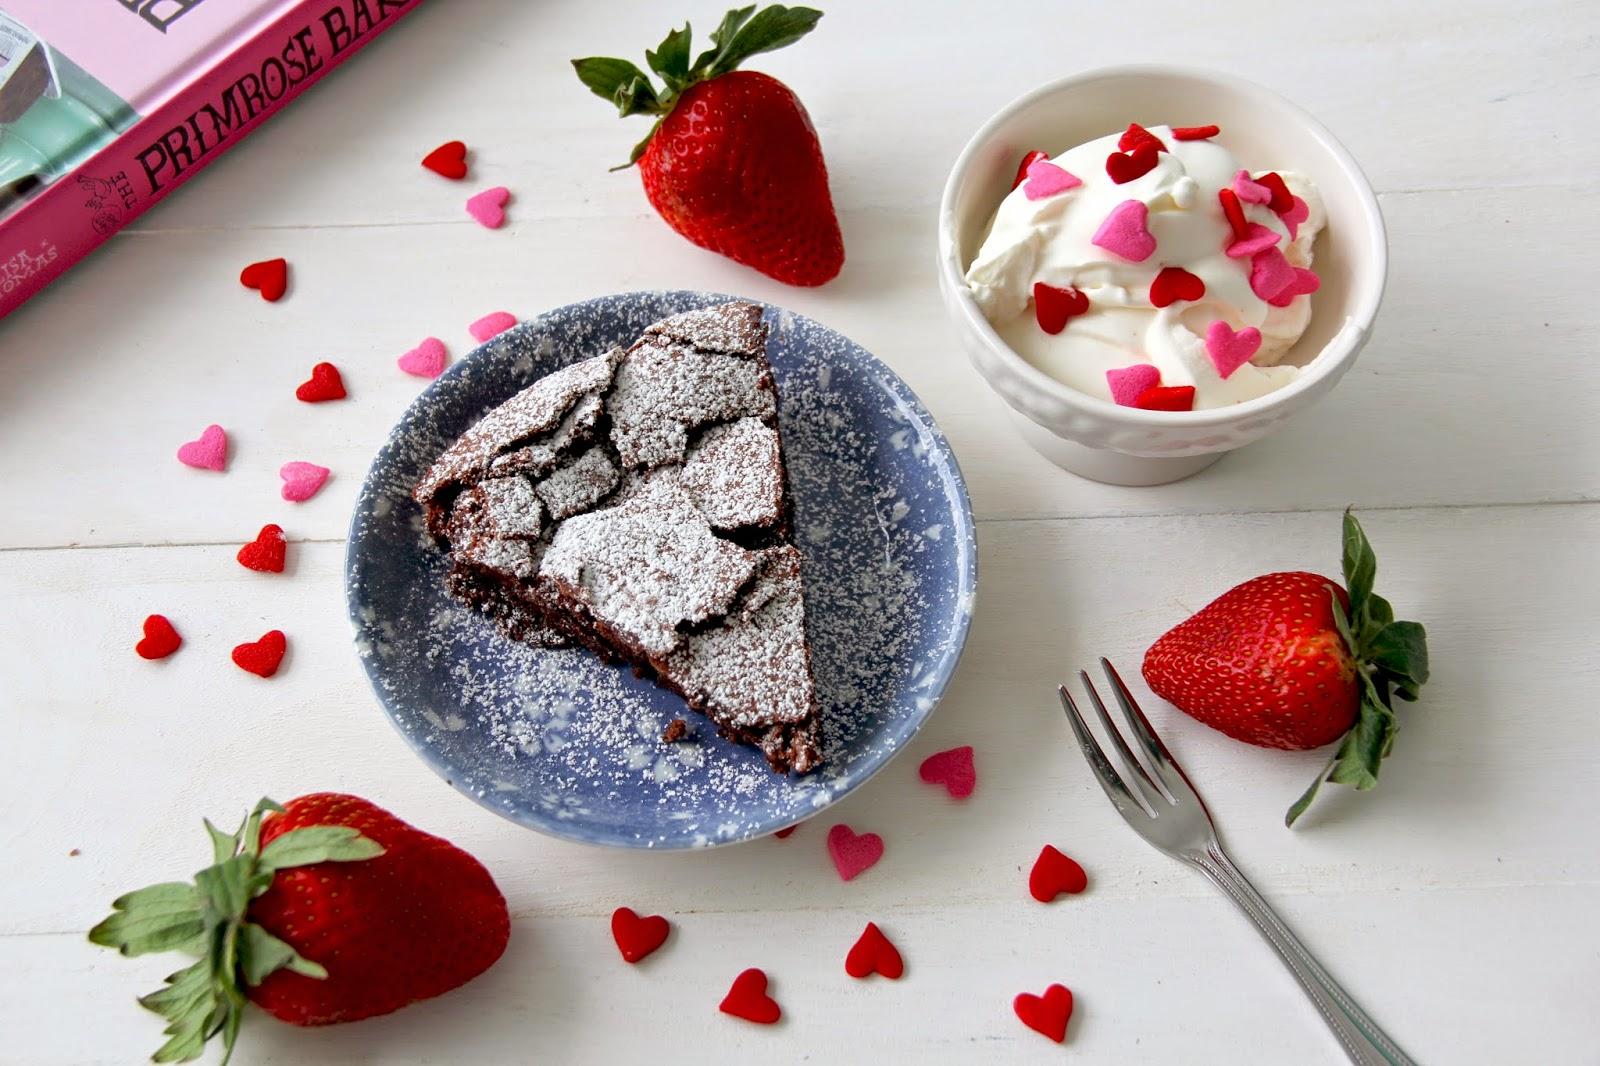 Primrose Bakery Chocolate Cake Recipe